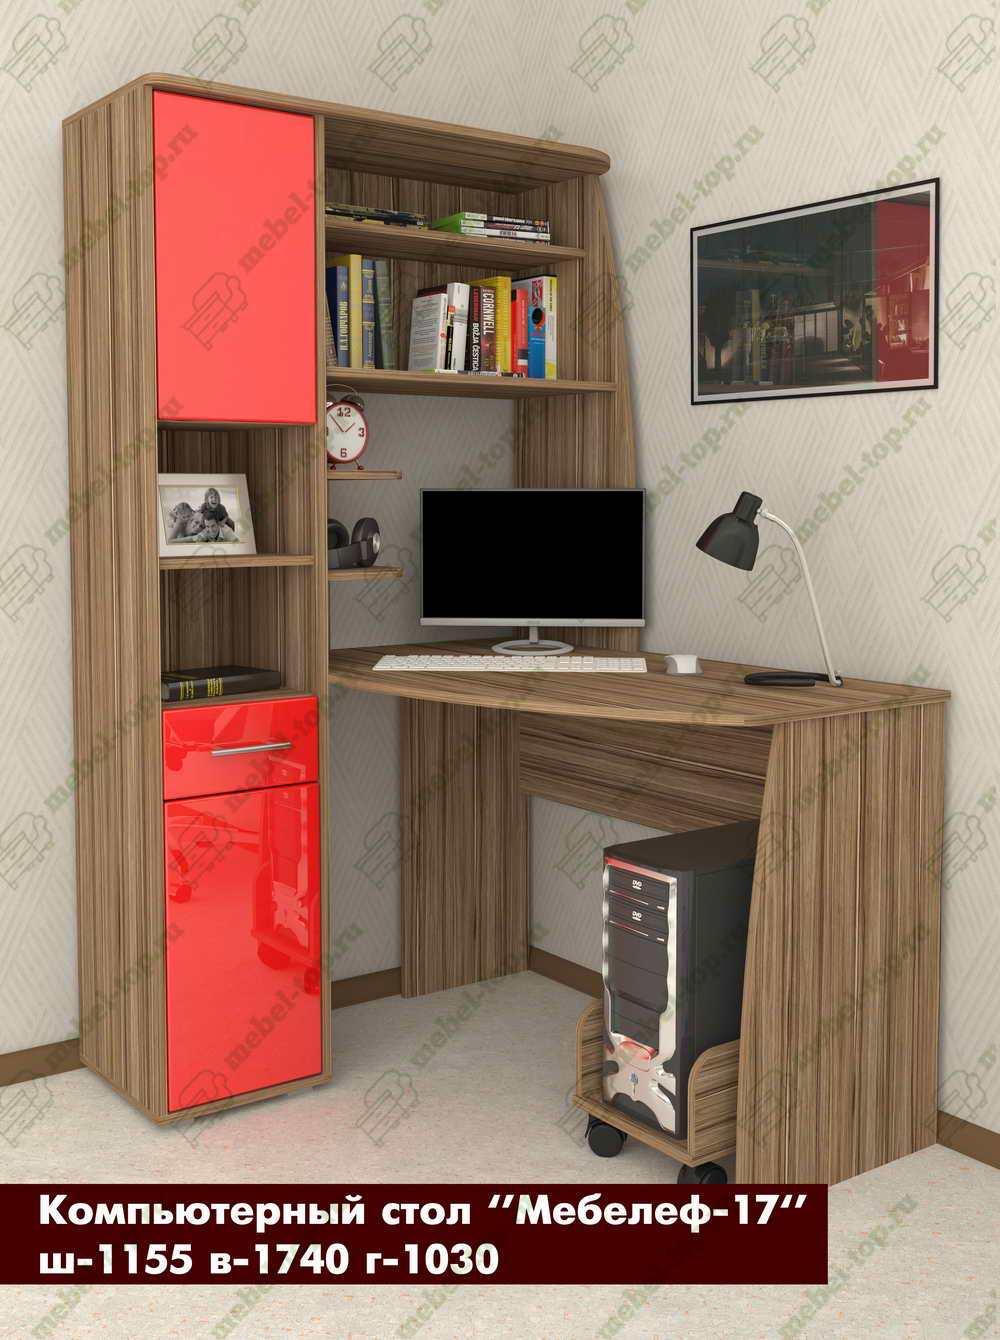 Компьютерный стол Мебелеф-17